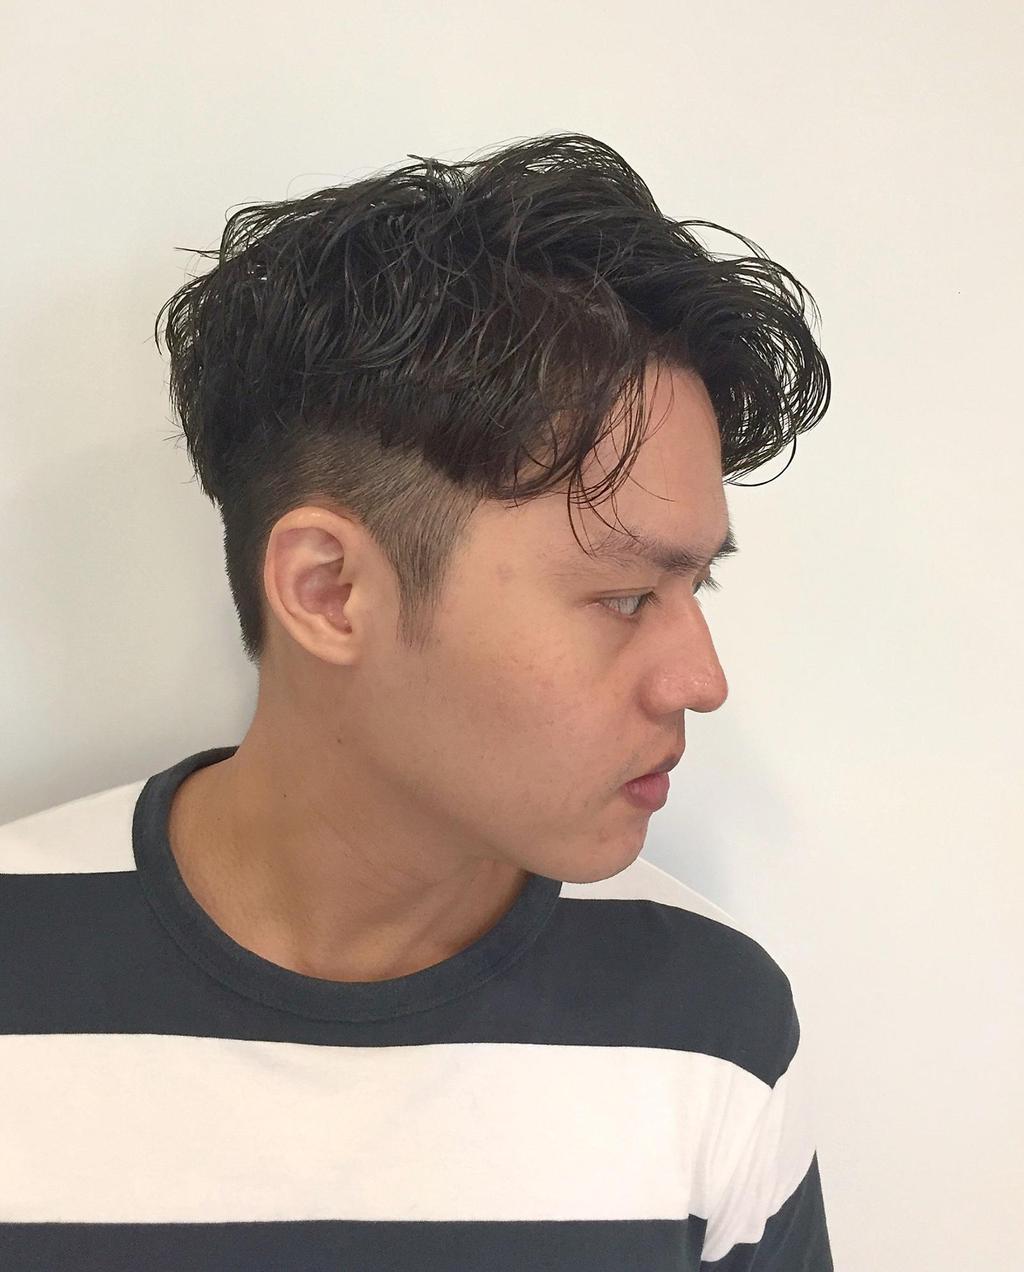 時尚好整理「紋理燙髪」set一下帥氣出門!